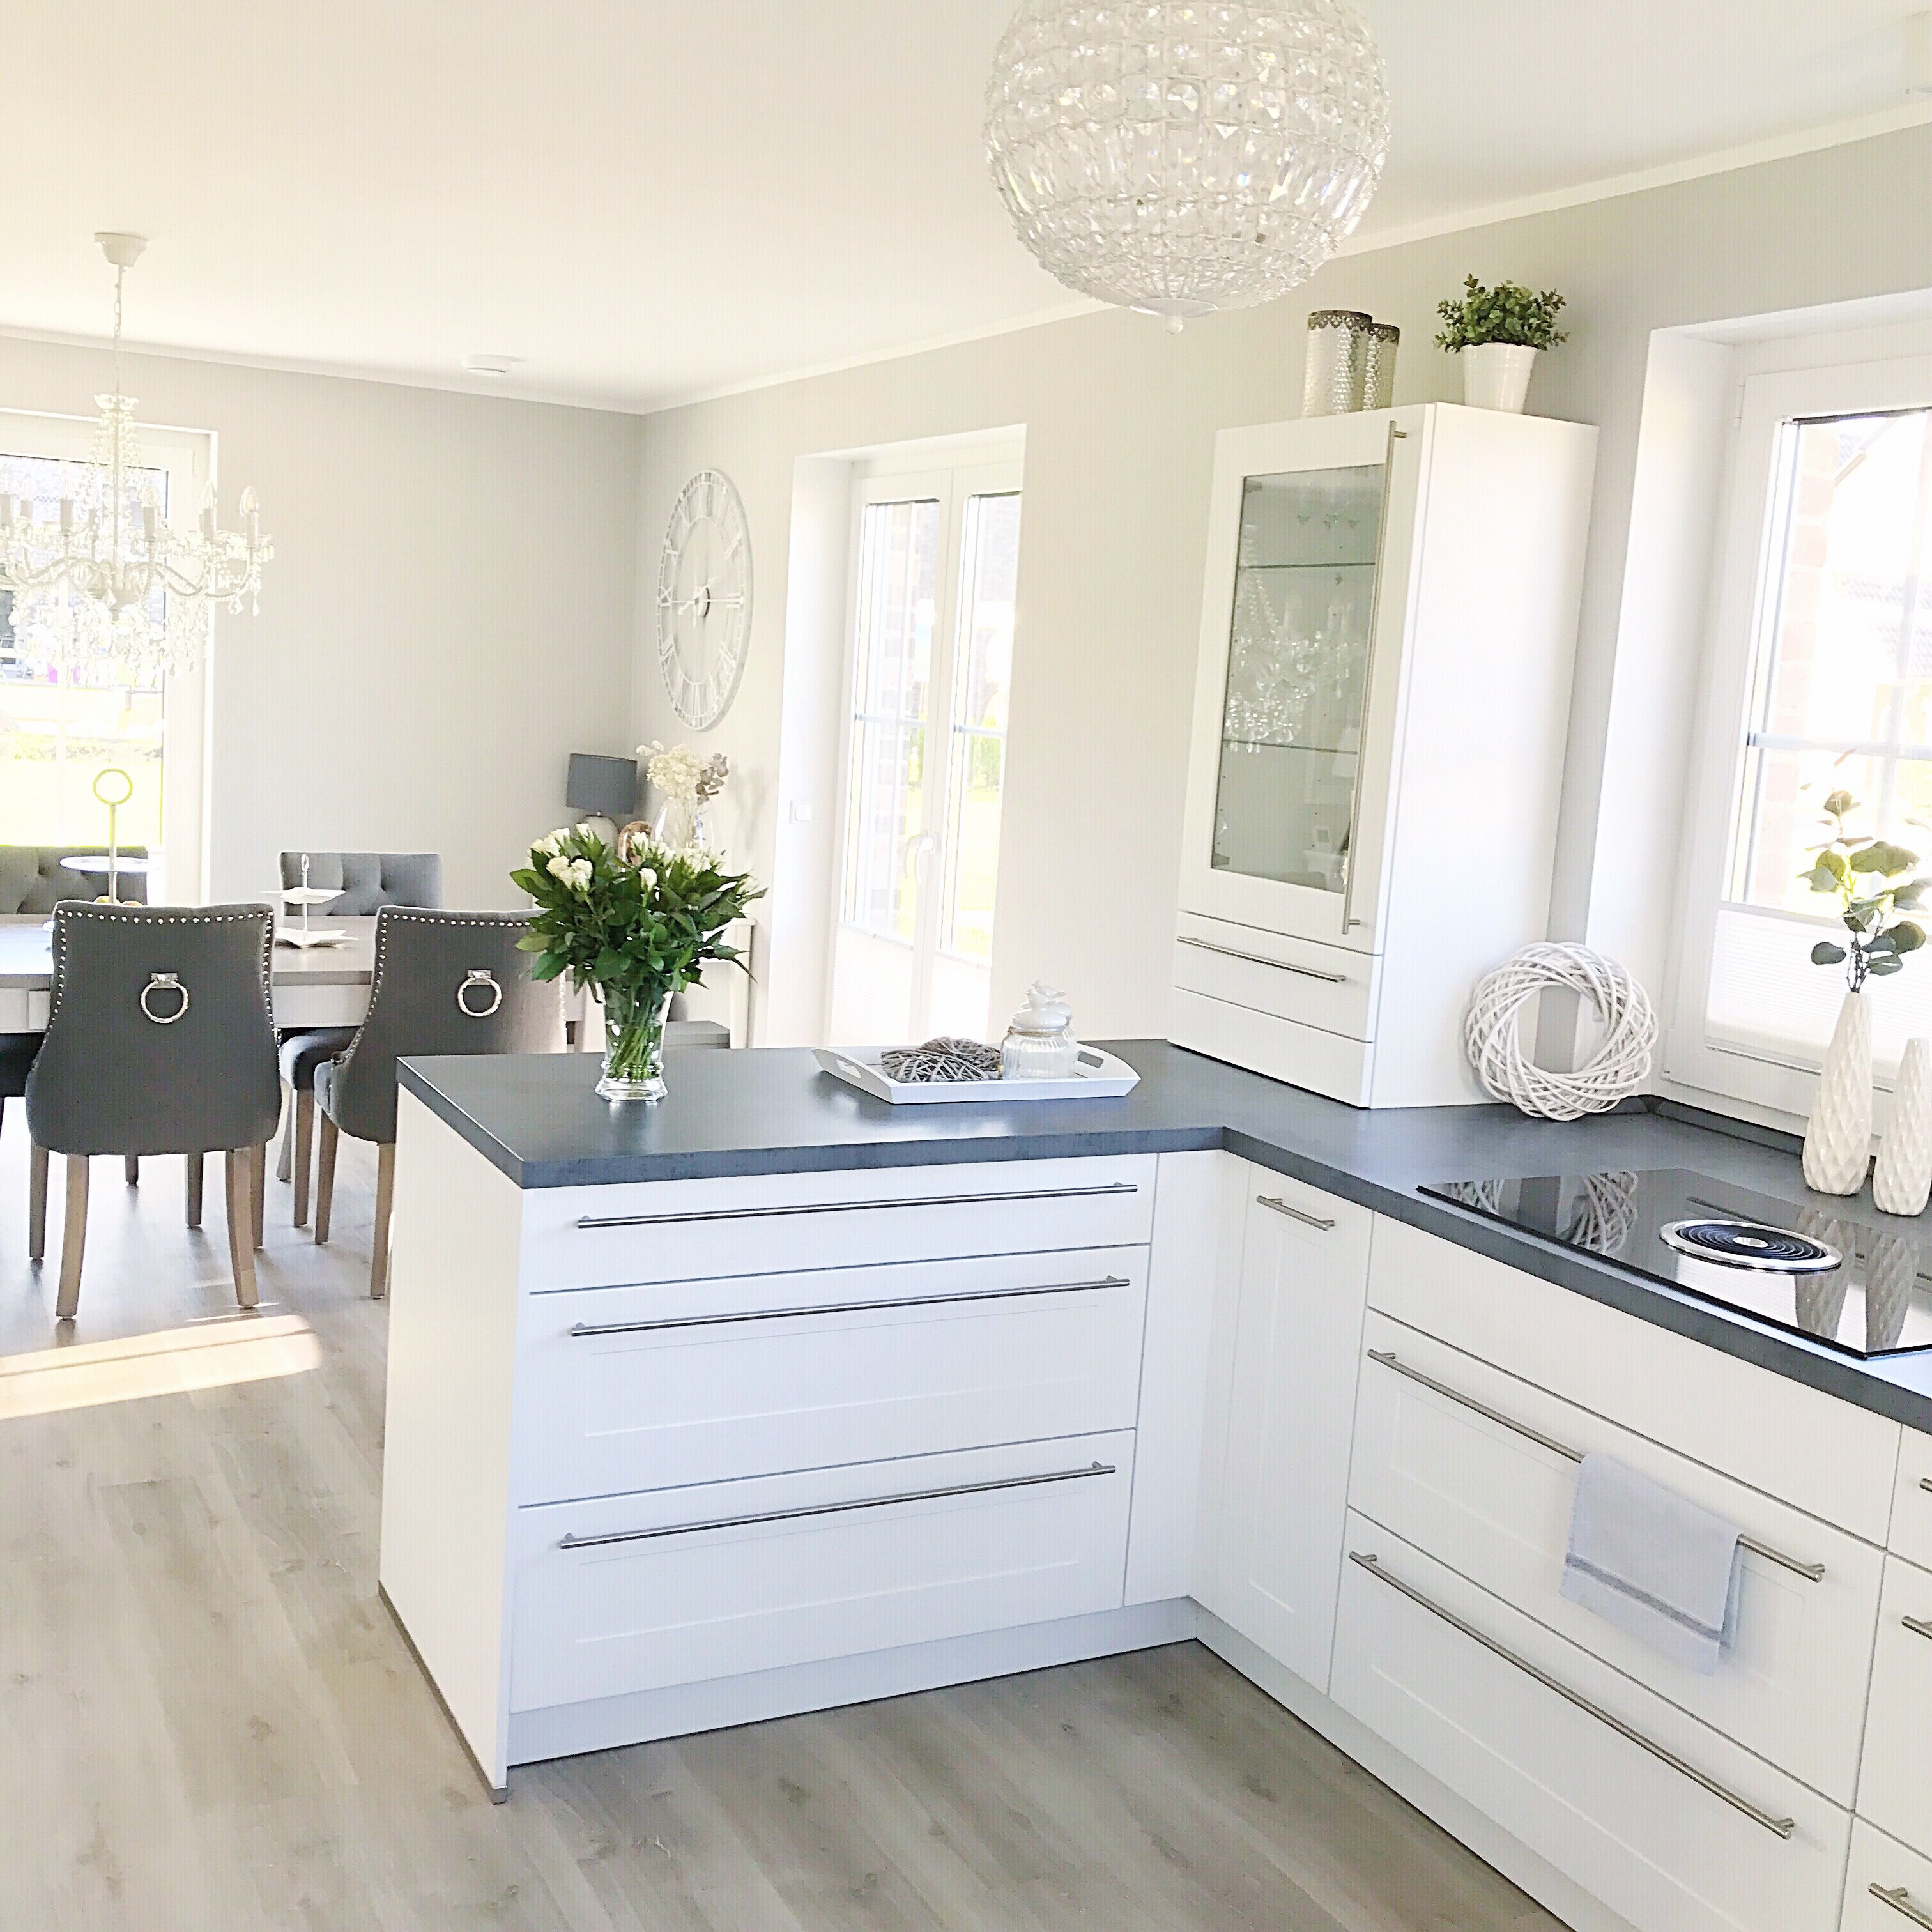 Instagram Wohn Emotion Landhaus Kuche Kitchen Modern Grau Weiss